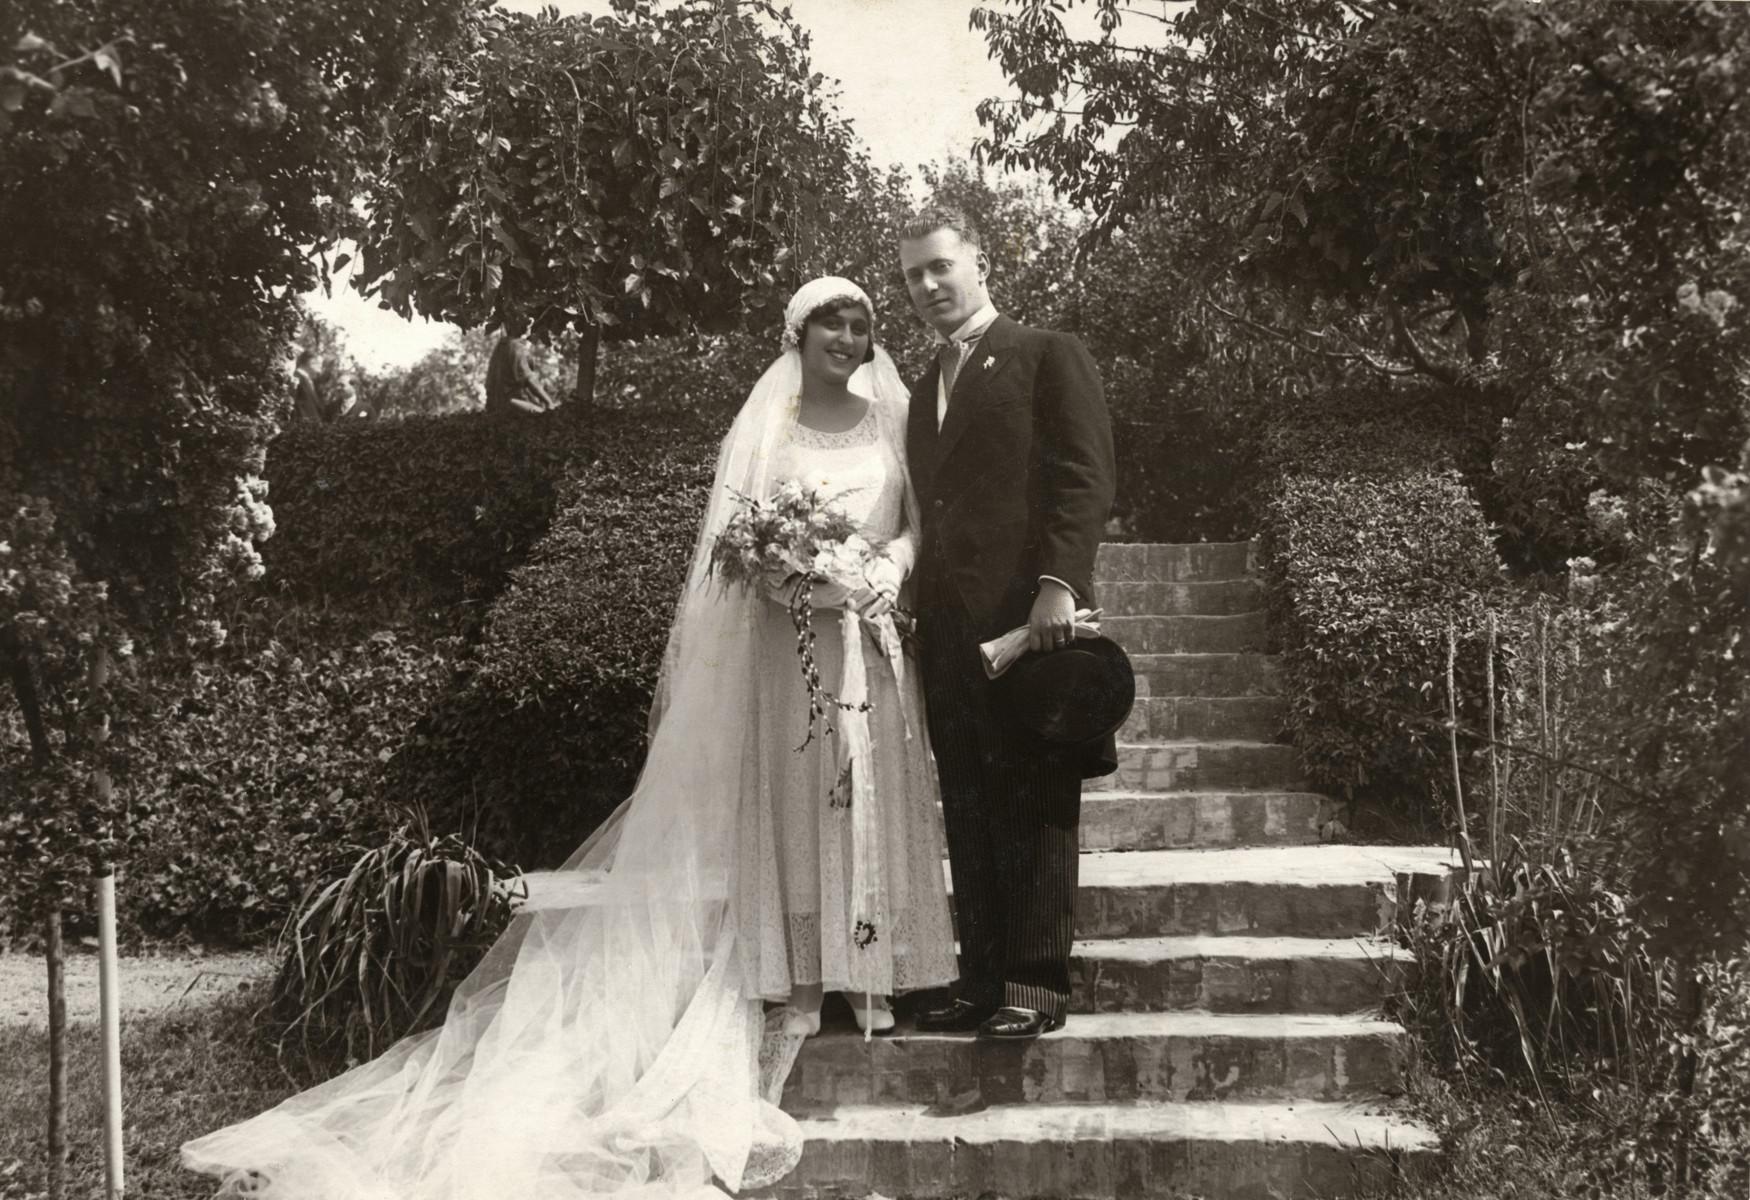 Wedding portrait of Klara Fejer and Alexander Steiner.